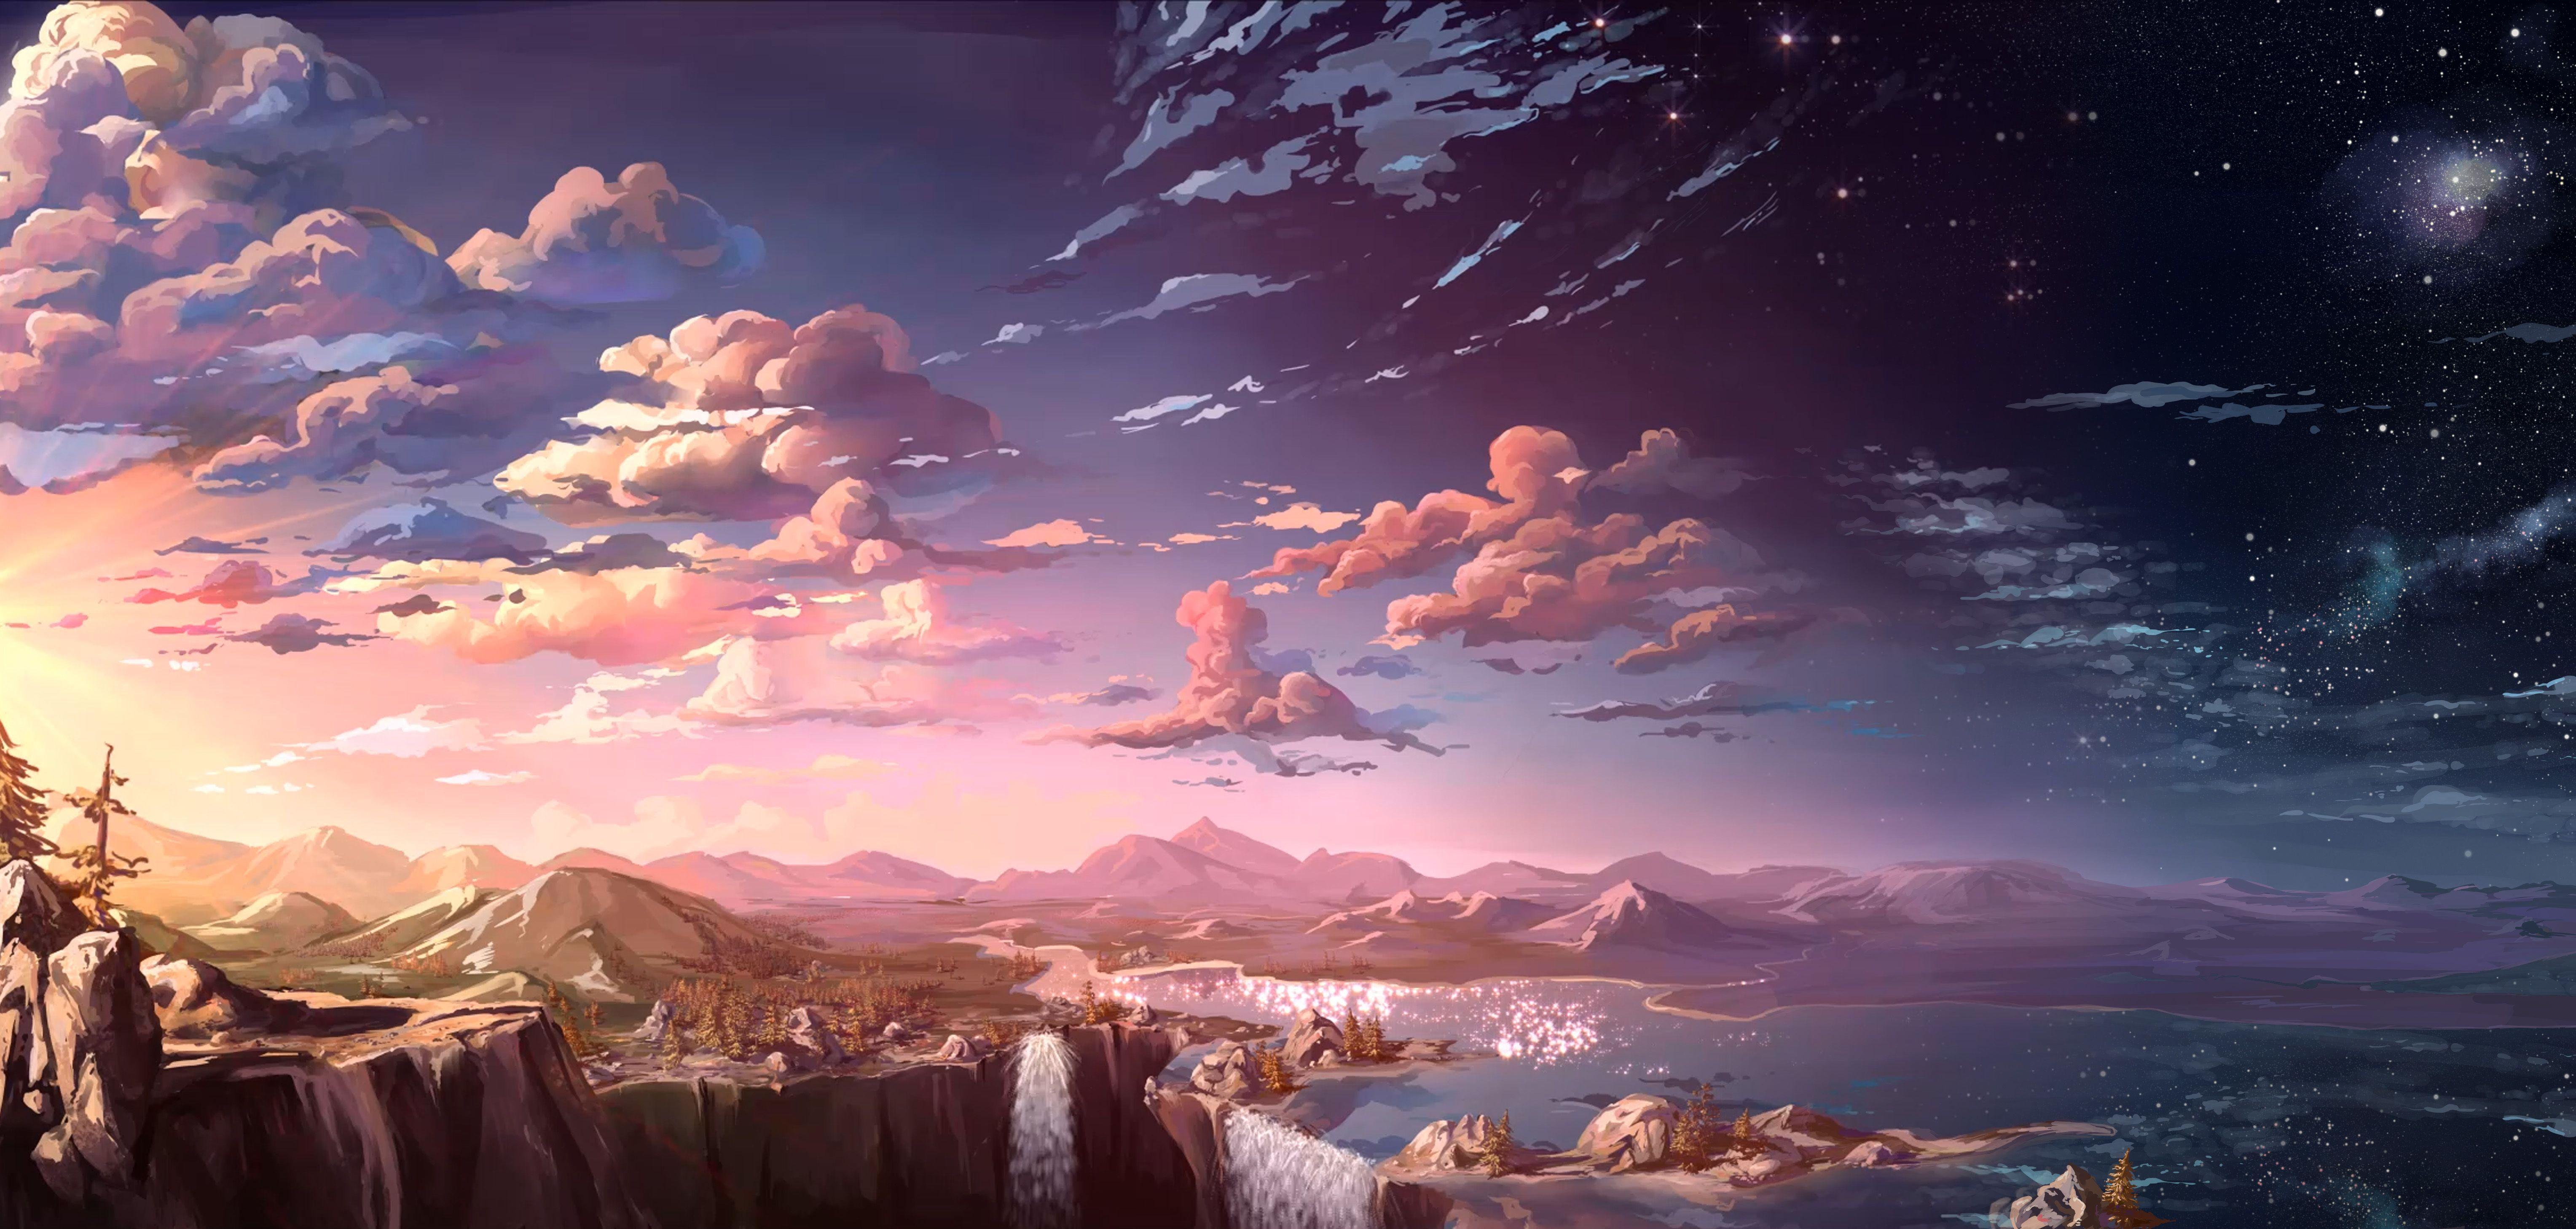 Anime Landscapes Google Search Paisagem Desenho Wallpaper Animes Paisagem Fantasia